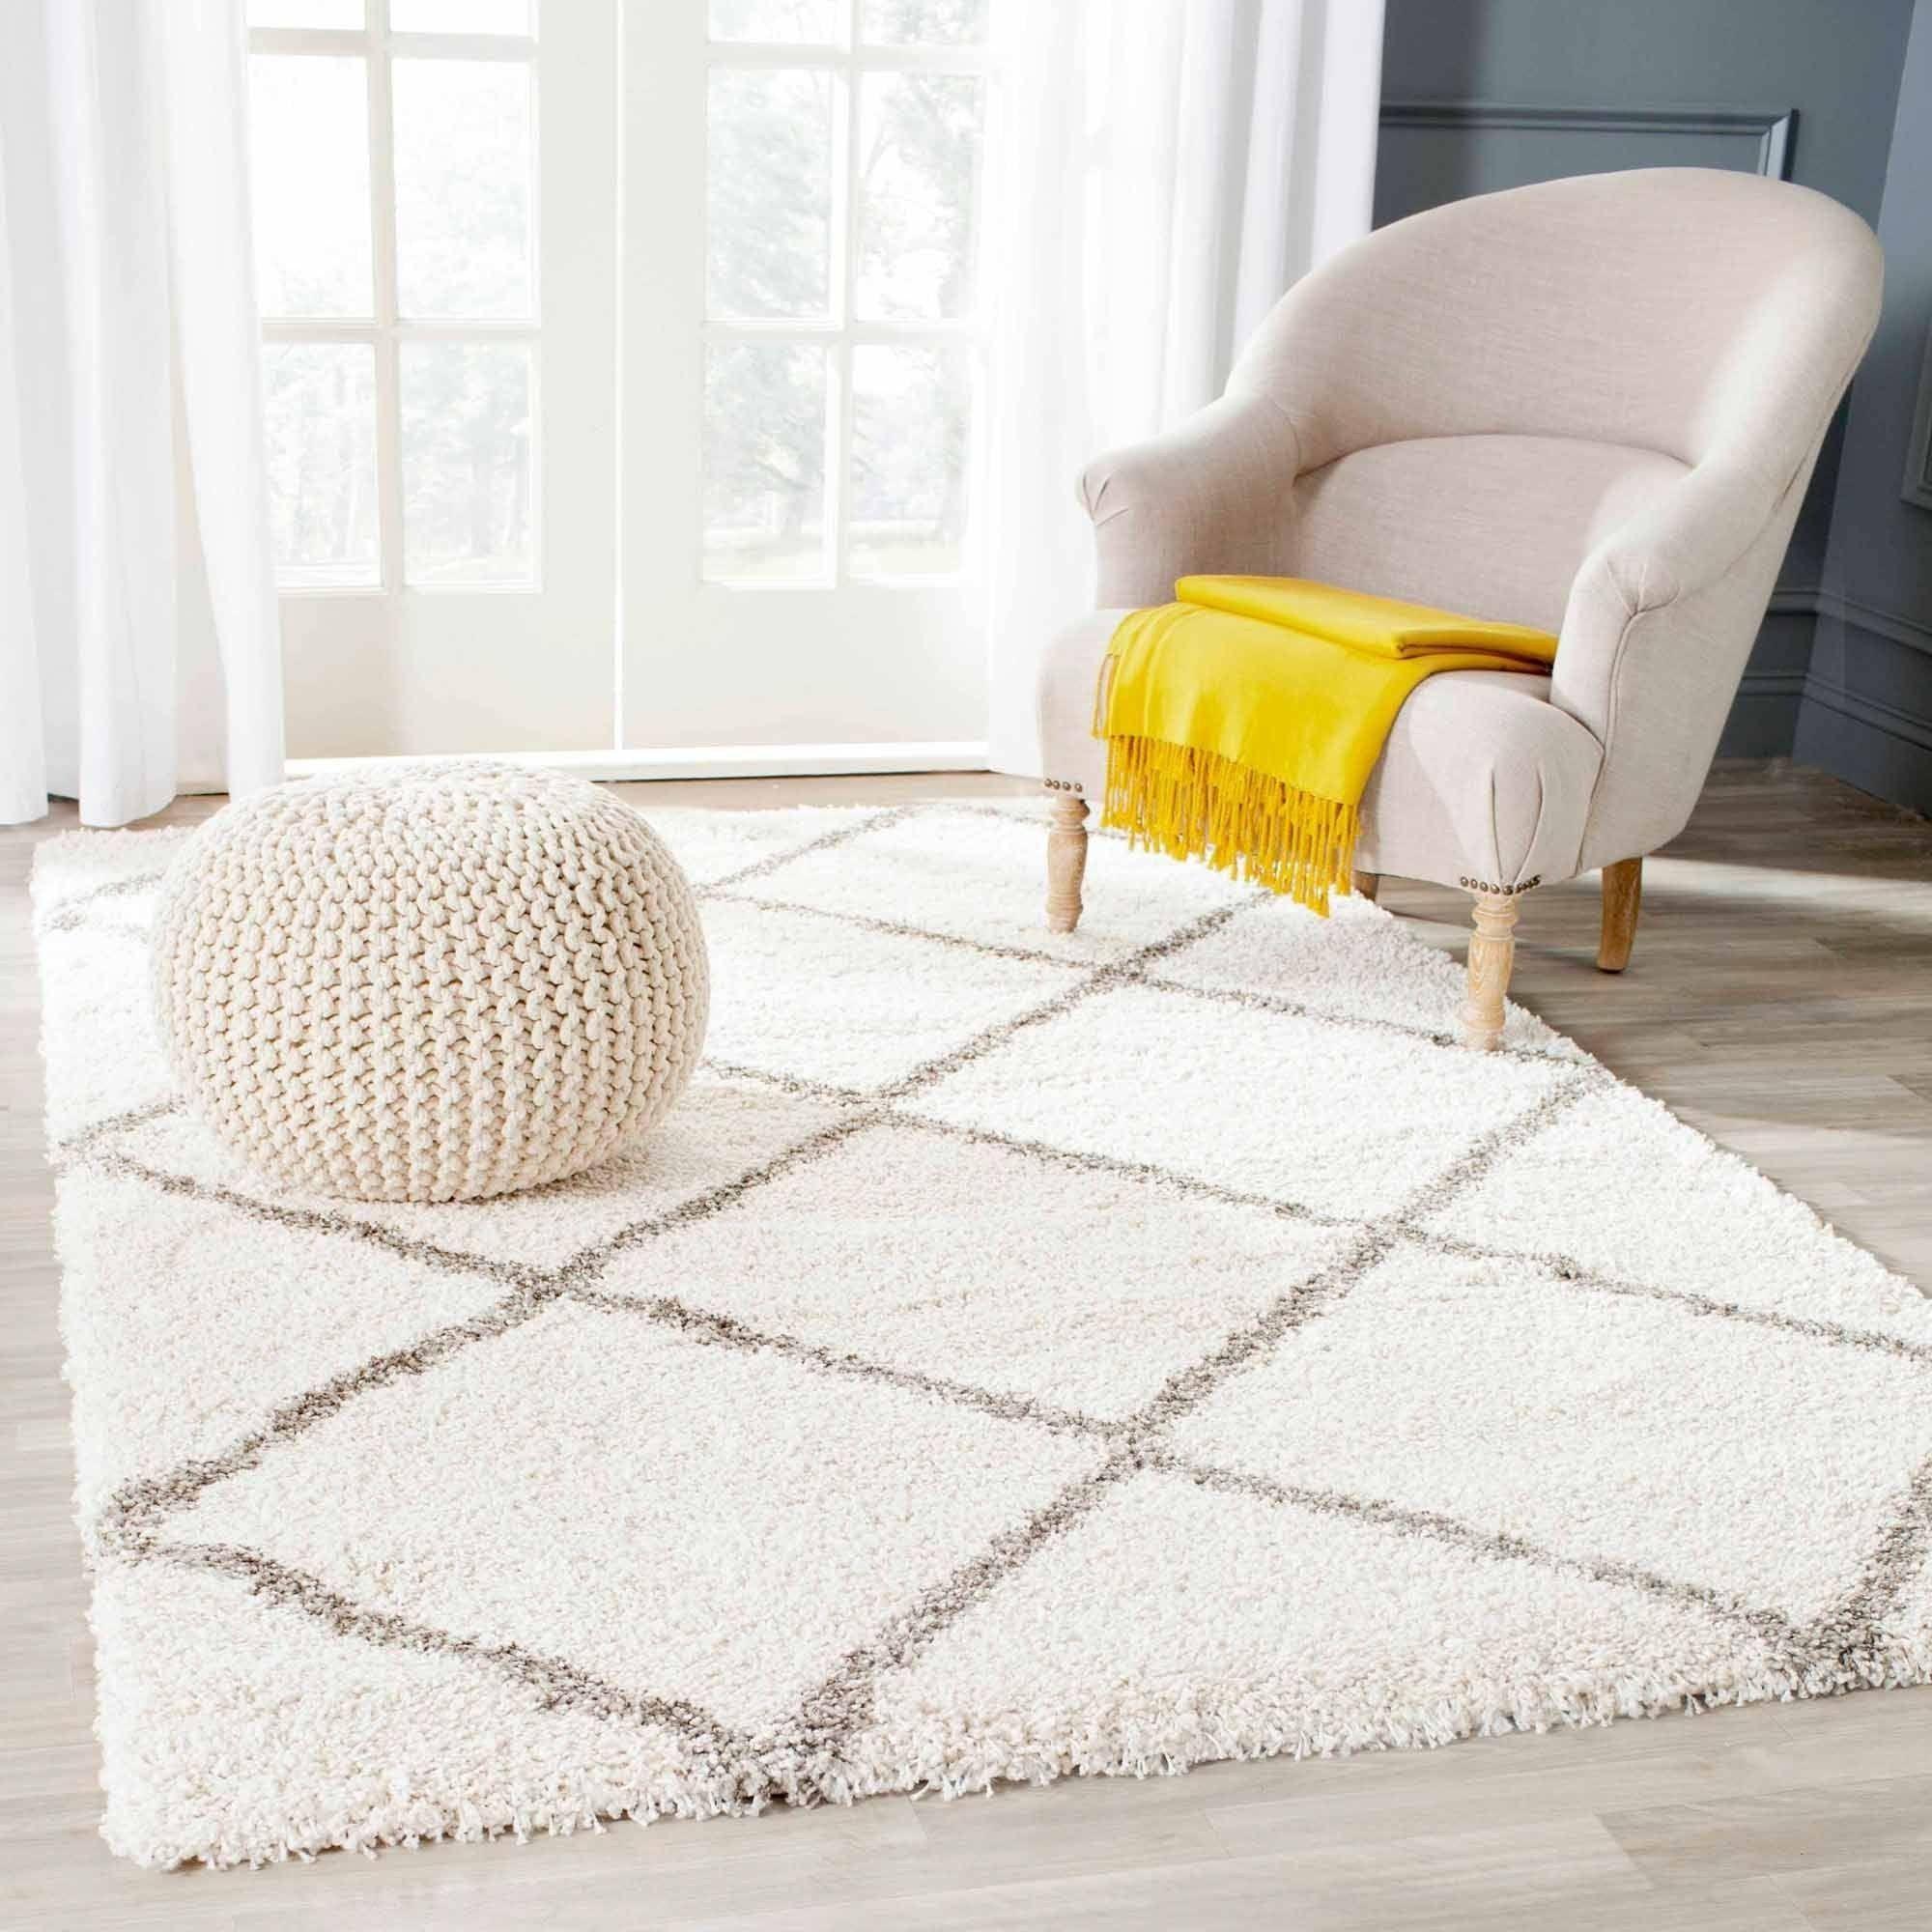 Teppichboden Schlafzimmer Flauschig